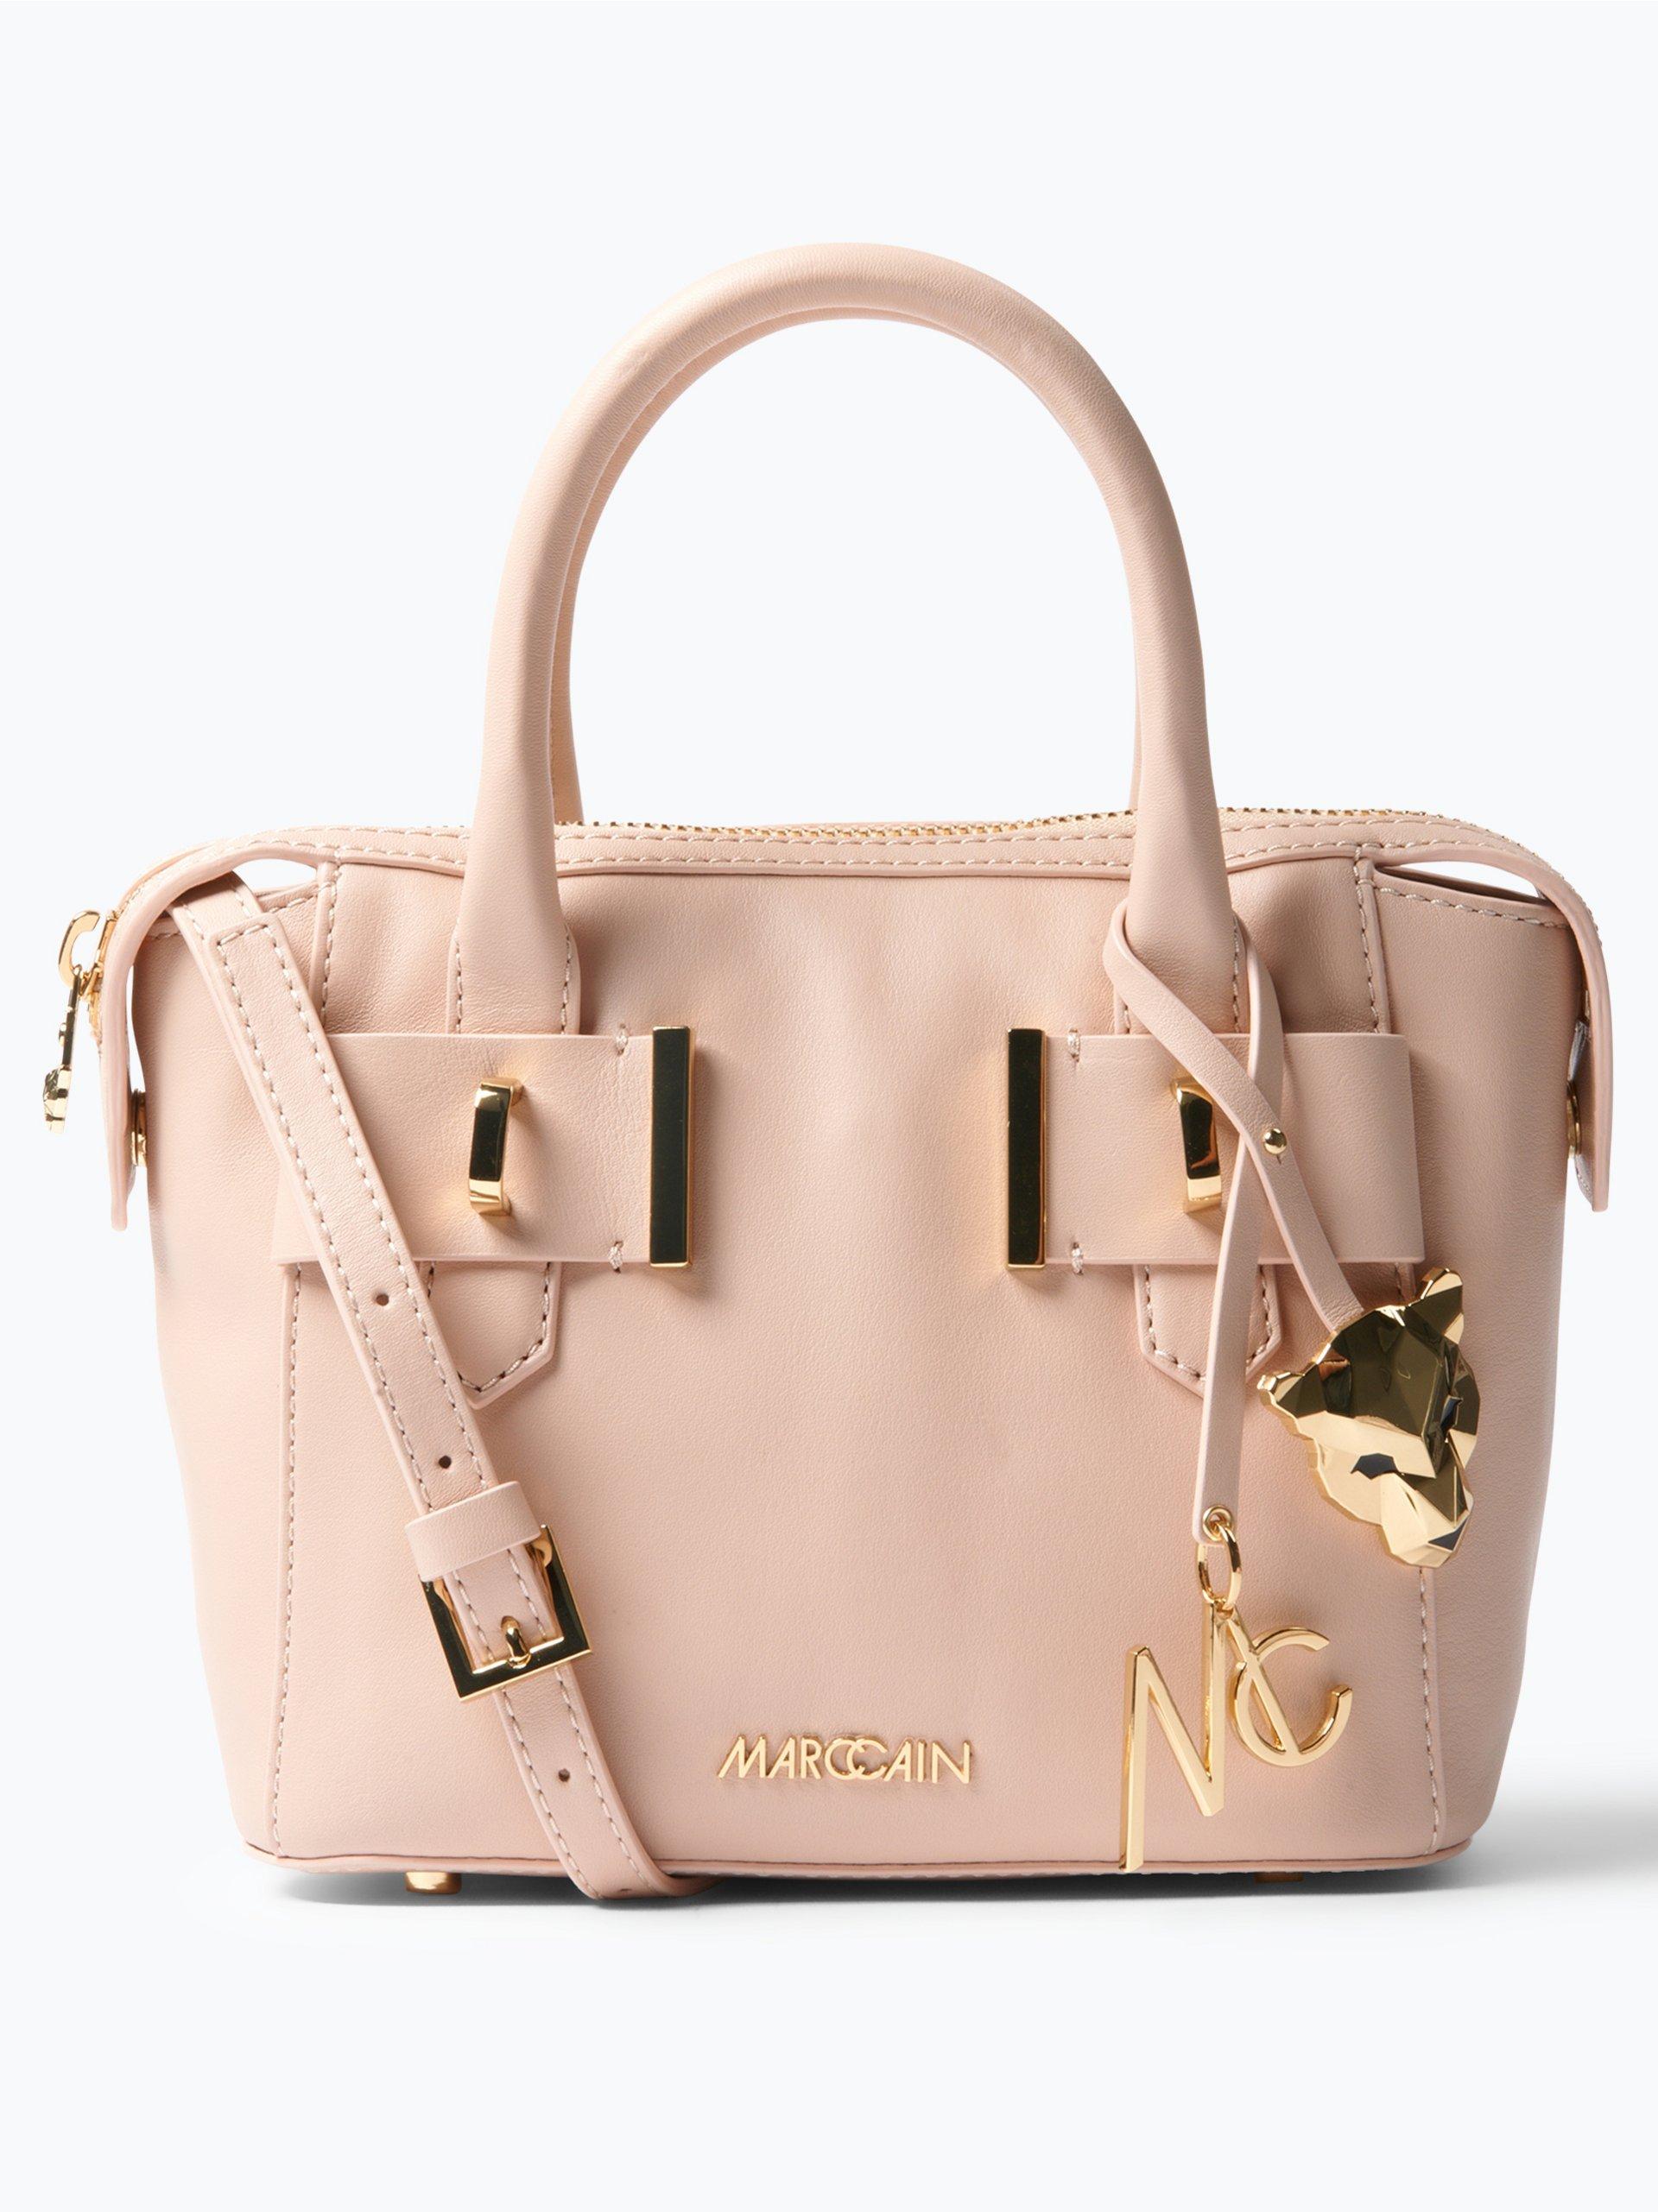 marc cain bags shoes damen handtasche aus leder beige uni online kaufen vangraaf com. Black Bedroom Furniture Sets. Home Design Ideas